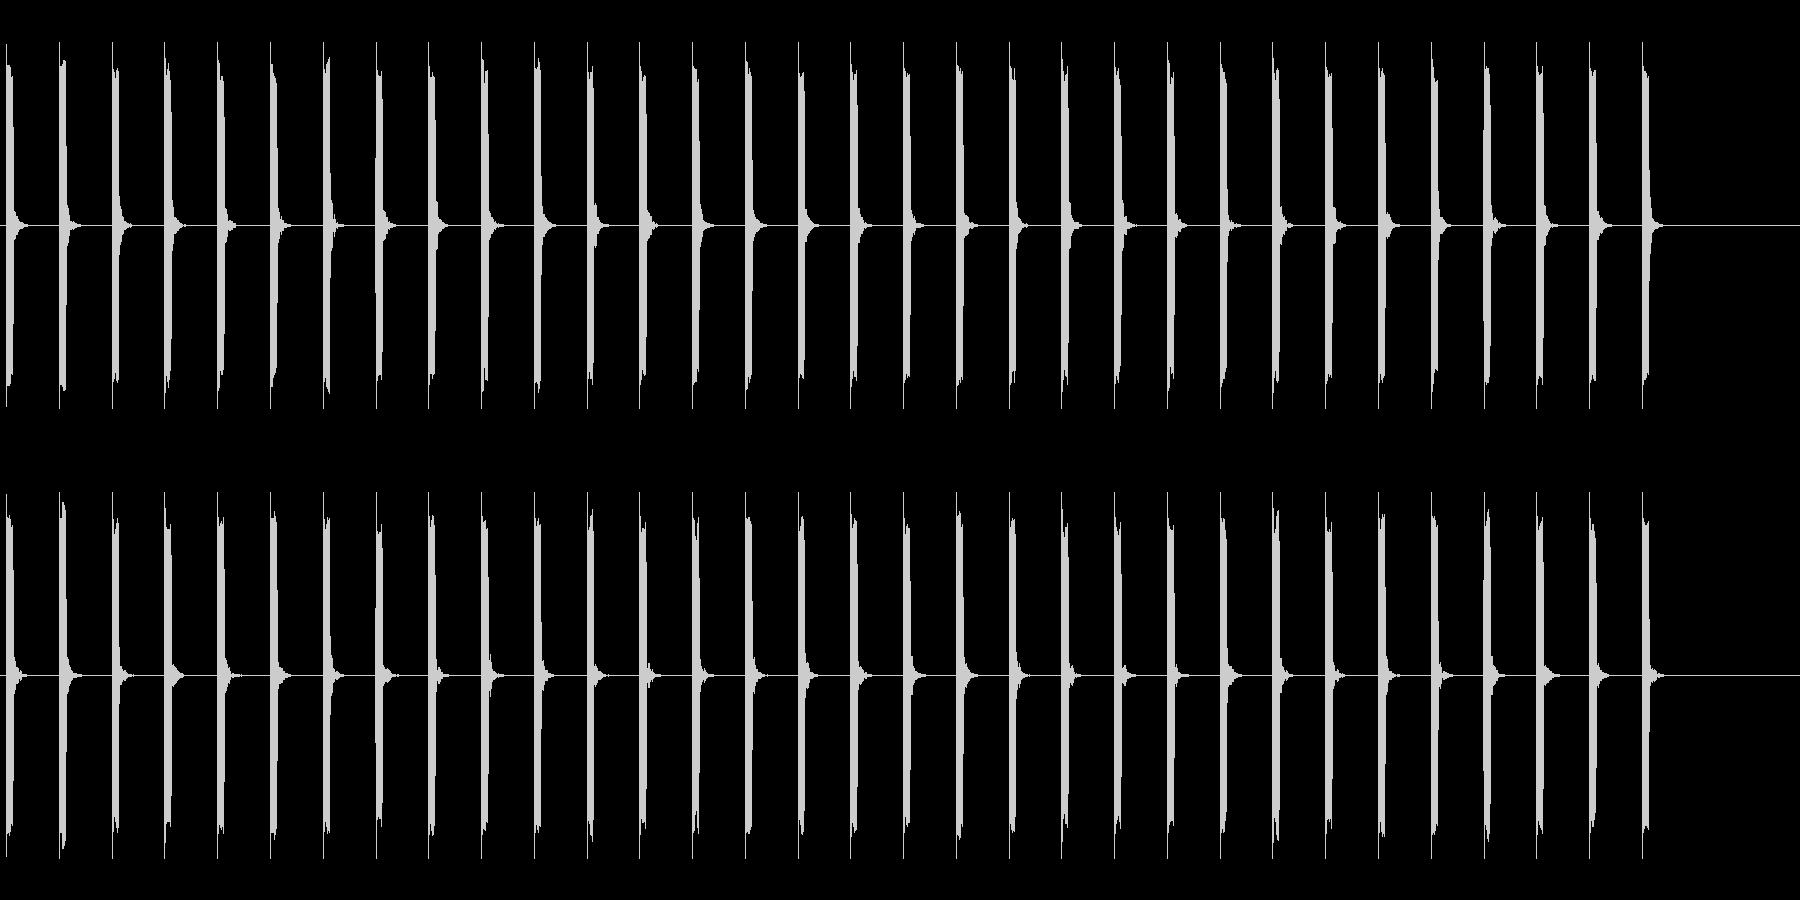 心電図の音-2-2(BPM50)の未再生の波形